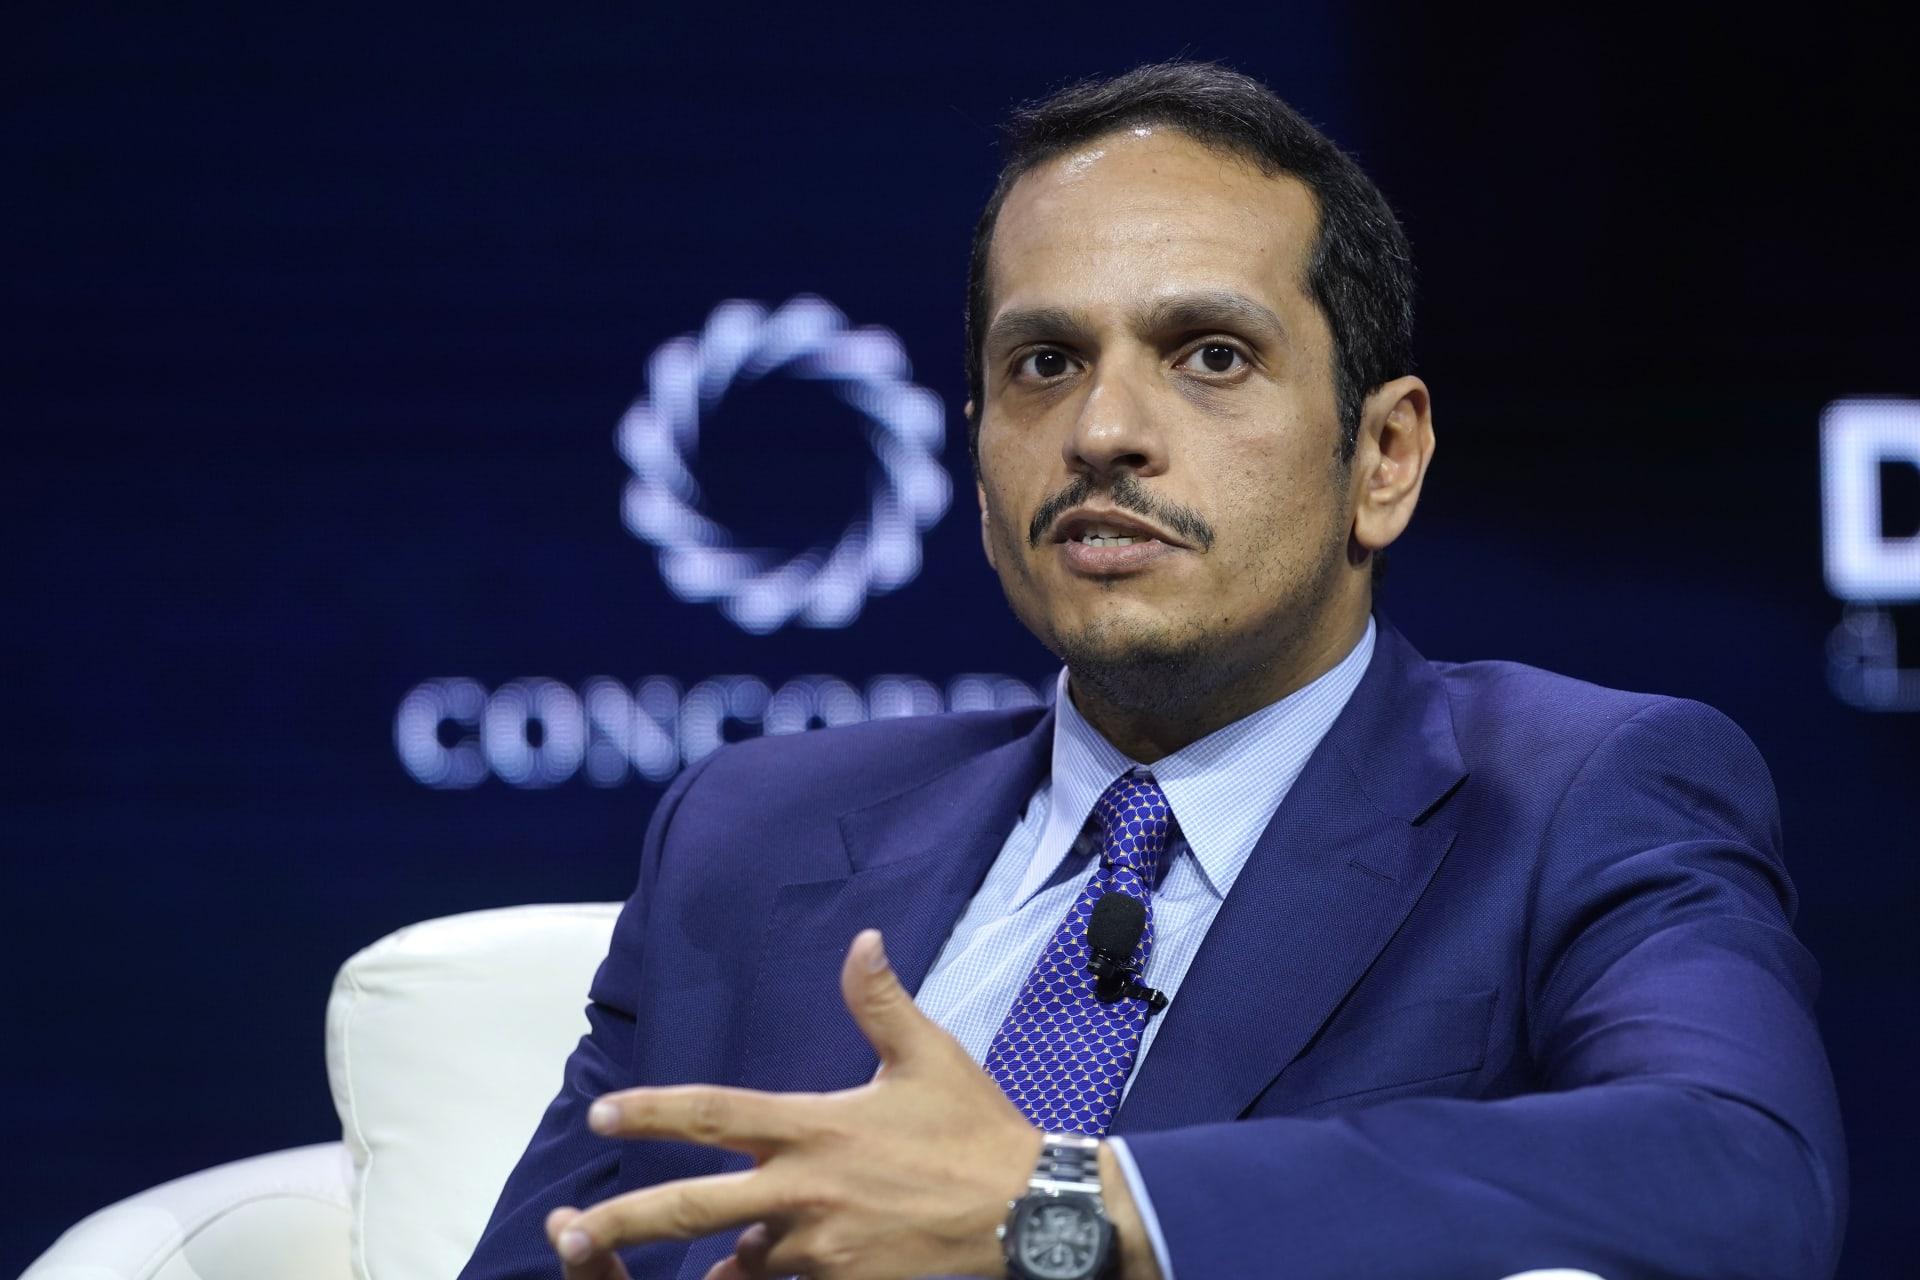 من روسيا.. وزير خارجية قطر يكشف تفاصيل مباحثات حل الأزمة الخليجية